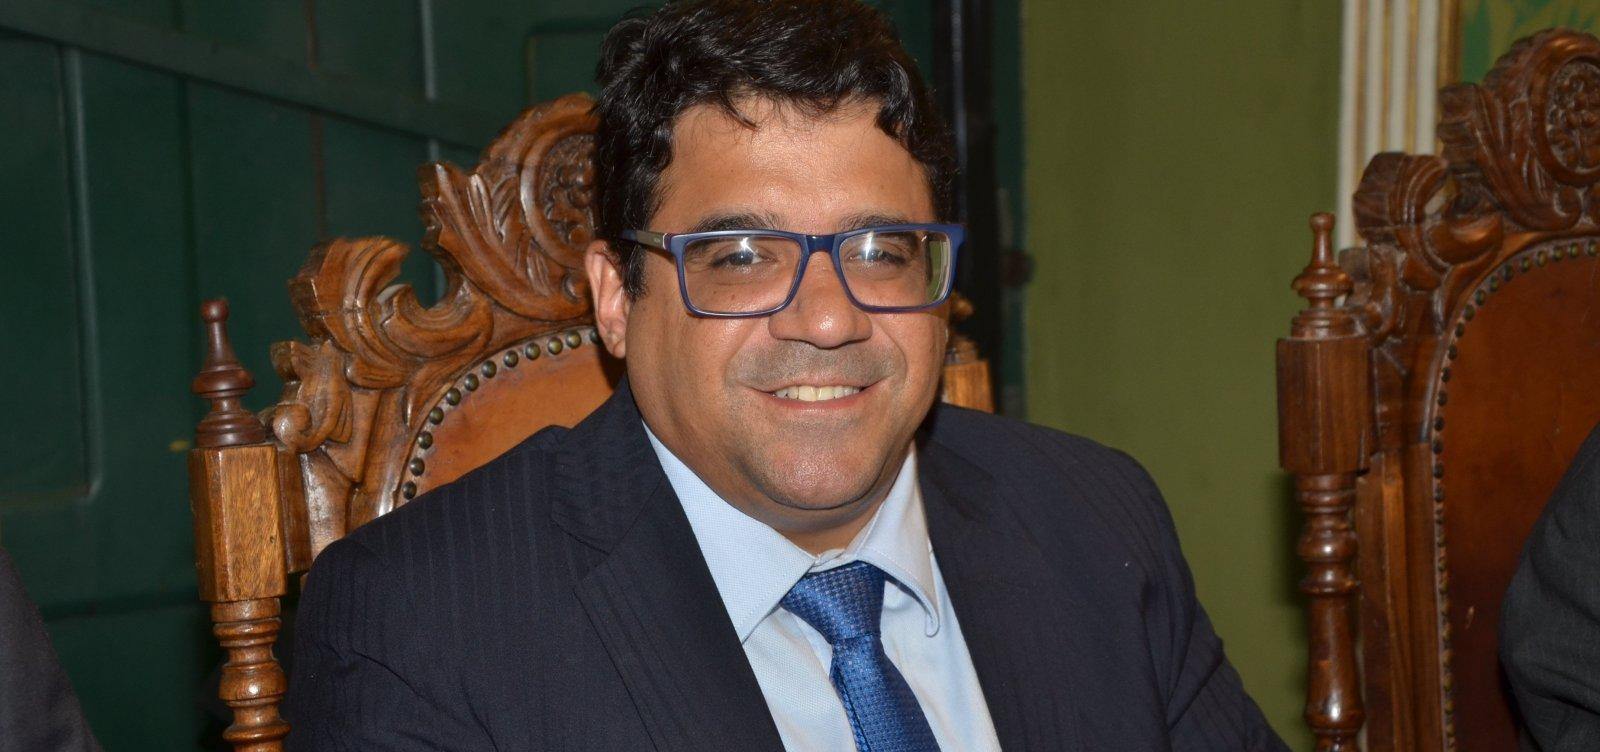 Prefeitura de Salvador decreta luto oficial de dois dias pela morte do vereador Daniel Rios